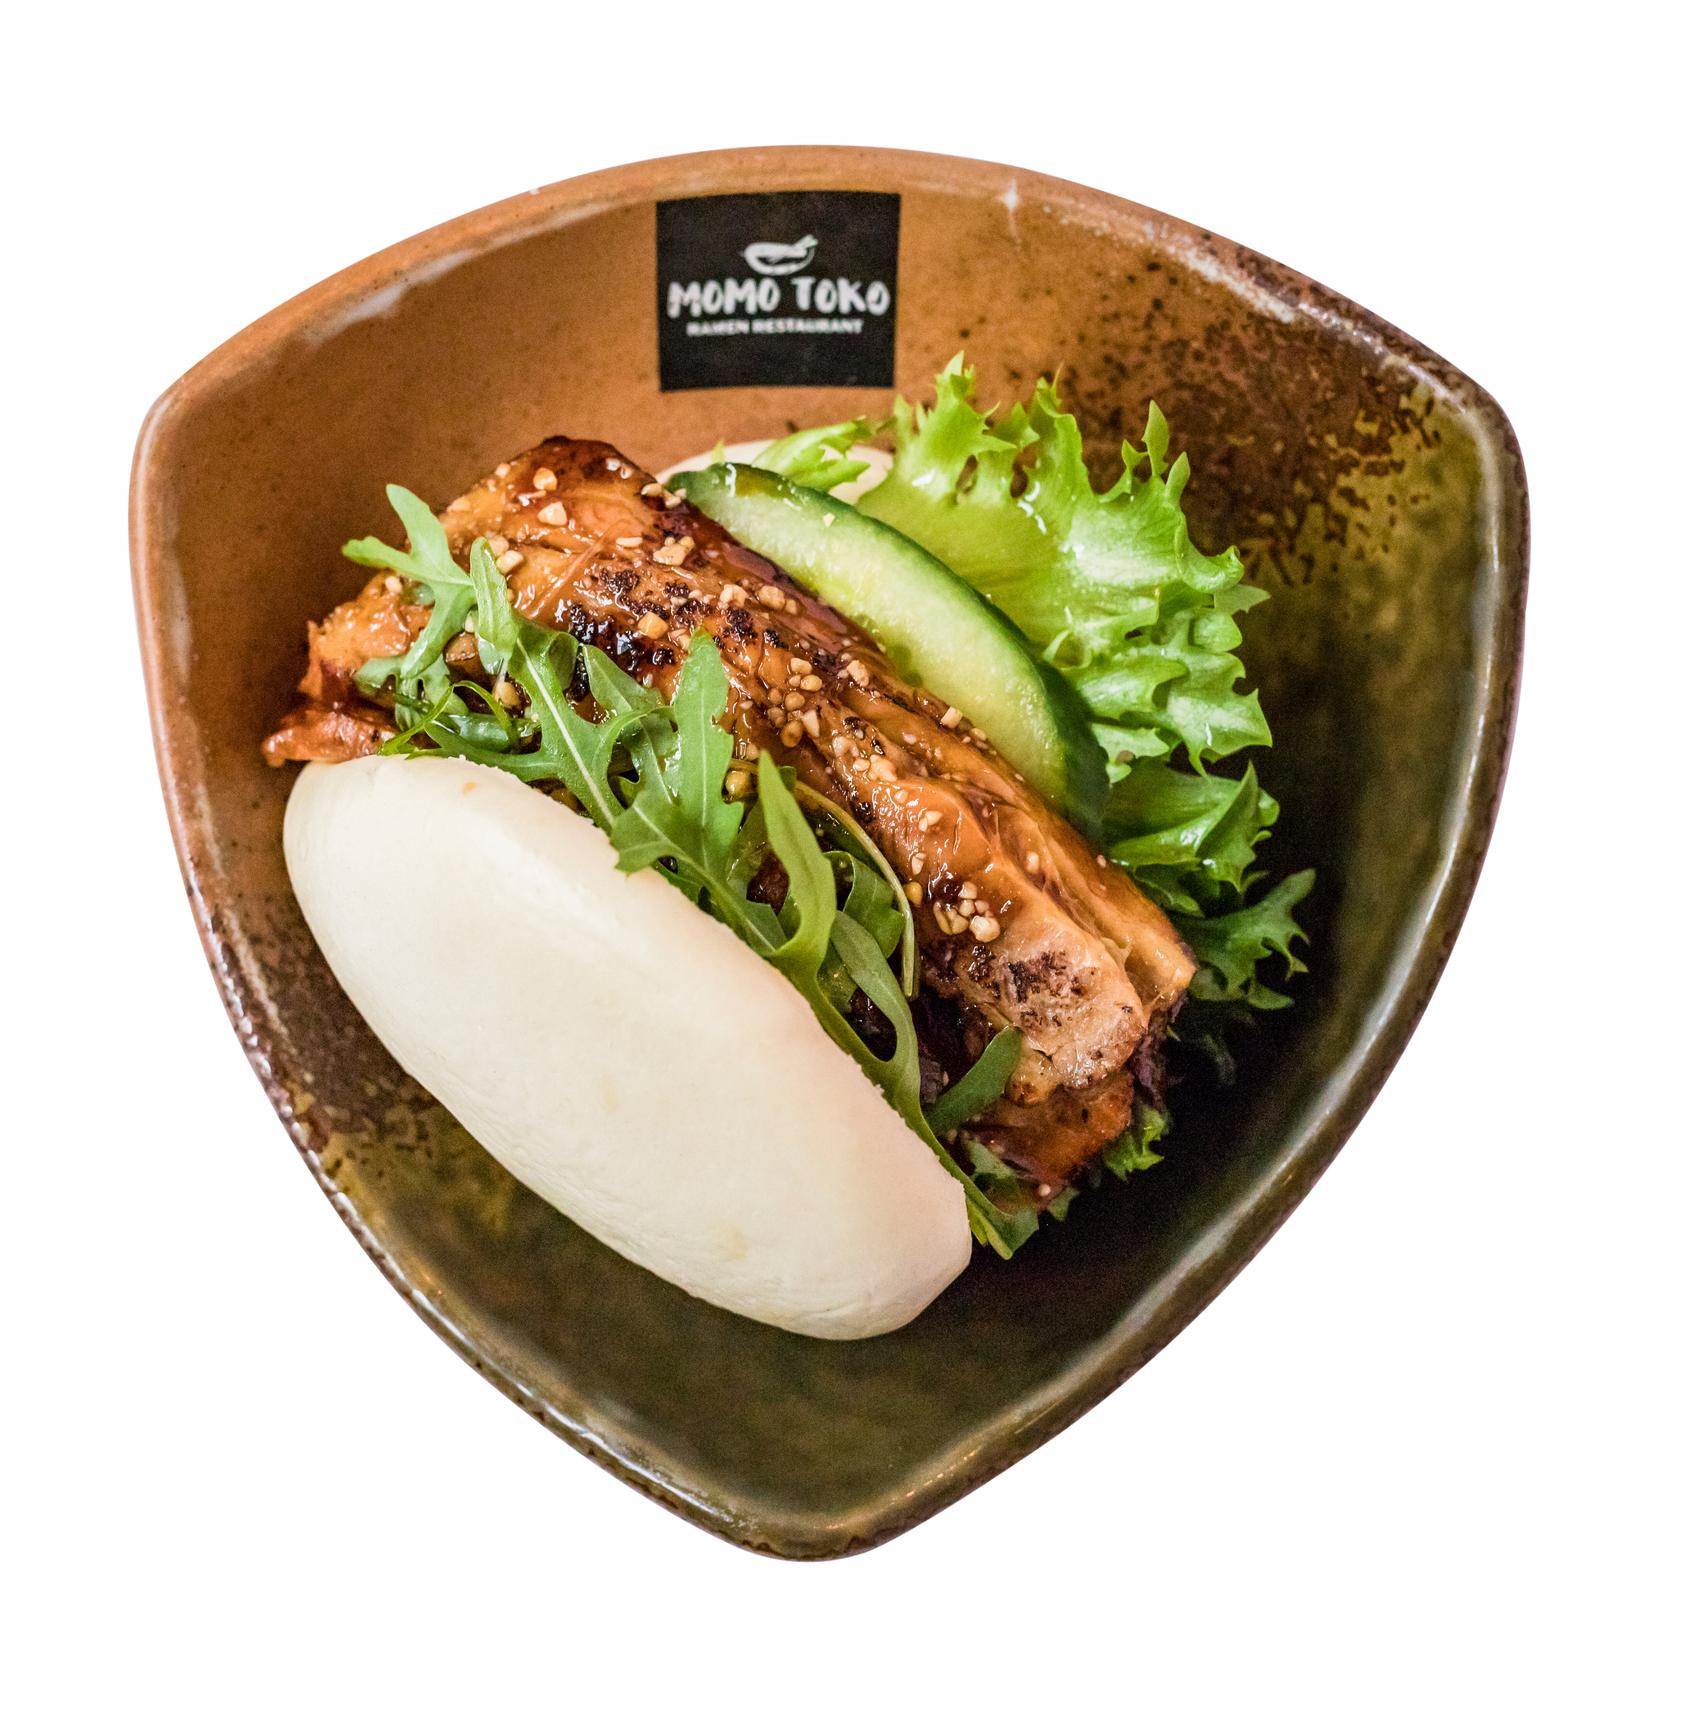 Original Bao -6,50€ - Höyrytetty Bao, Uuni Porsaankylkeä, Salaattia, Kurkkua, Rucolaa, Kevätsipulia, Pähkinöitä & Brown Rock Sugar(G, SP, P)